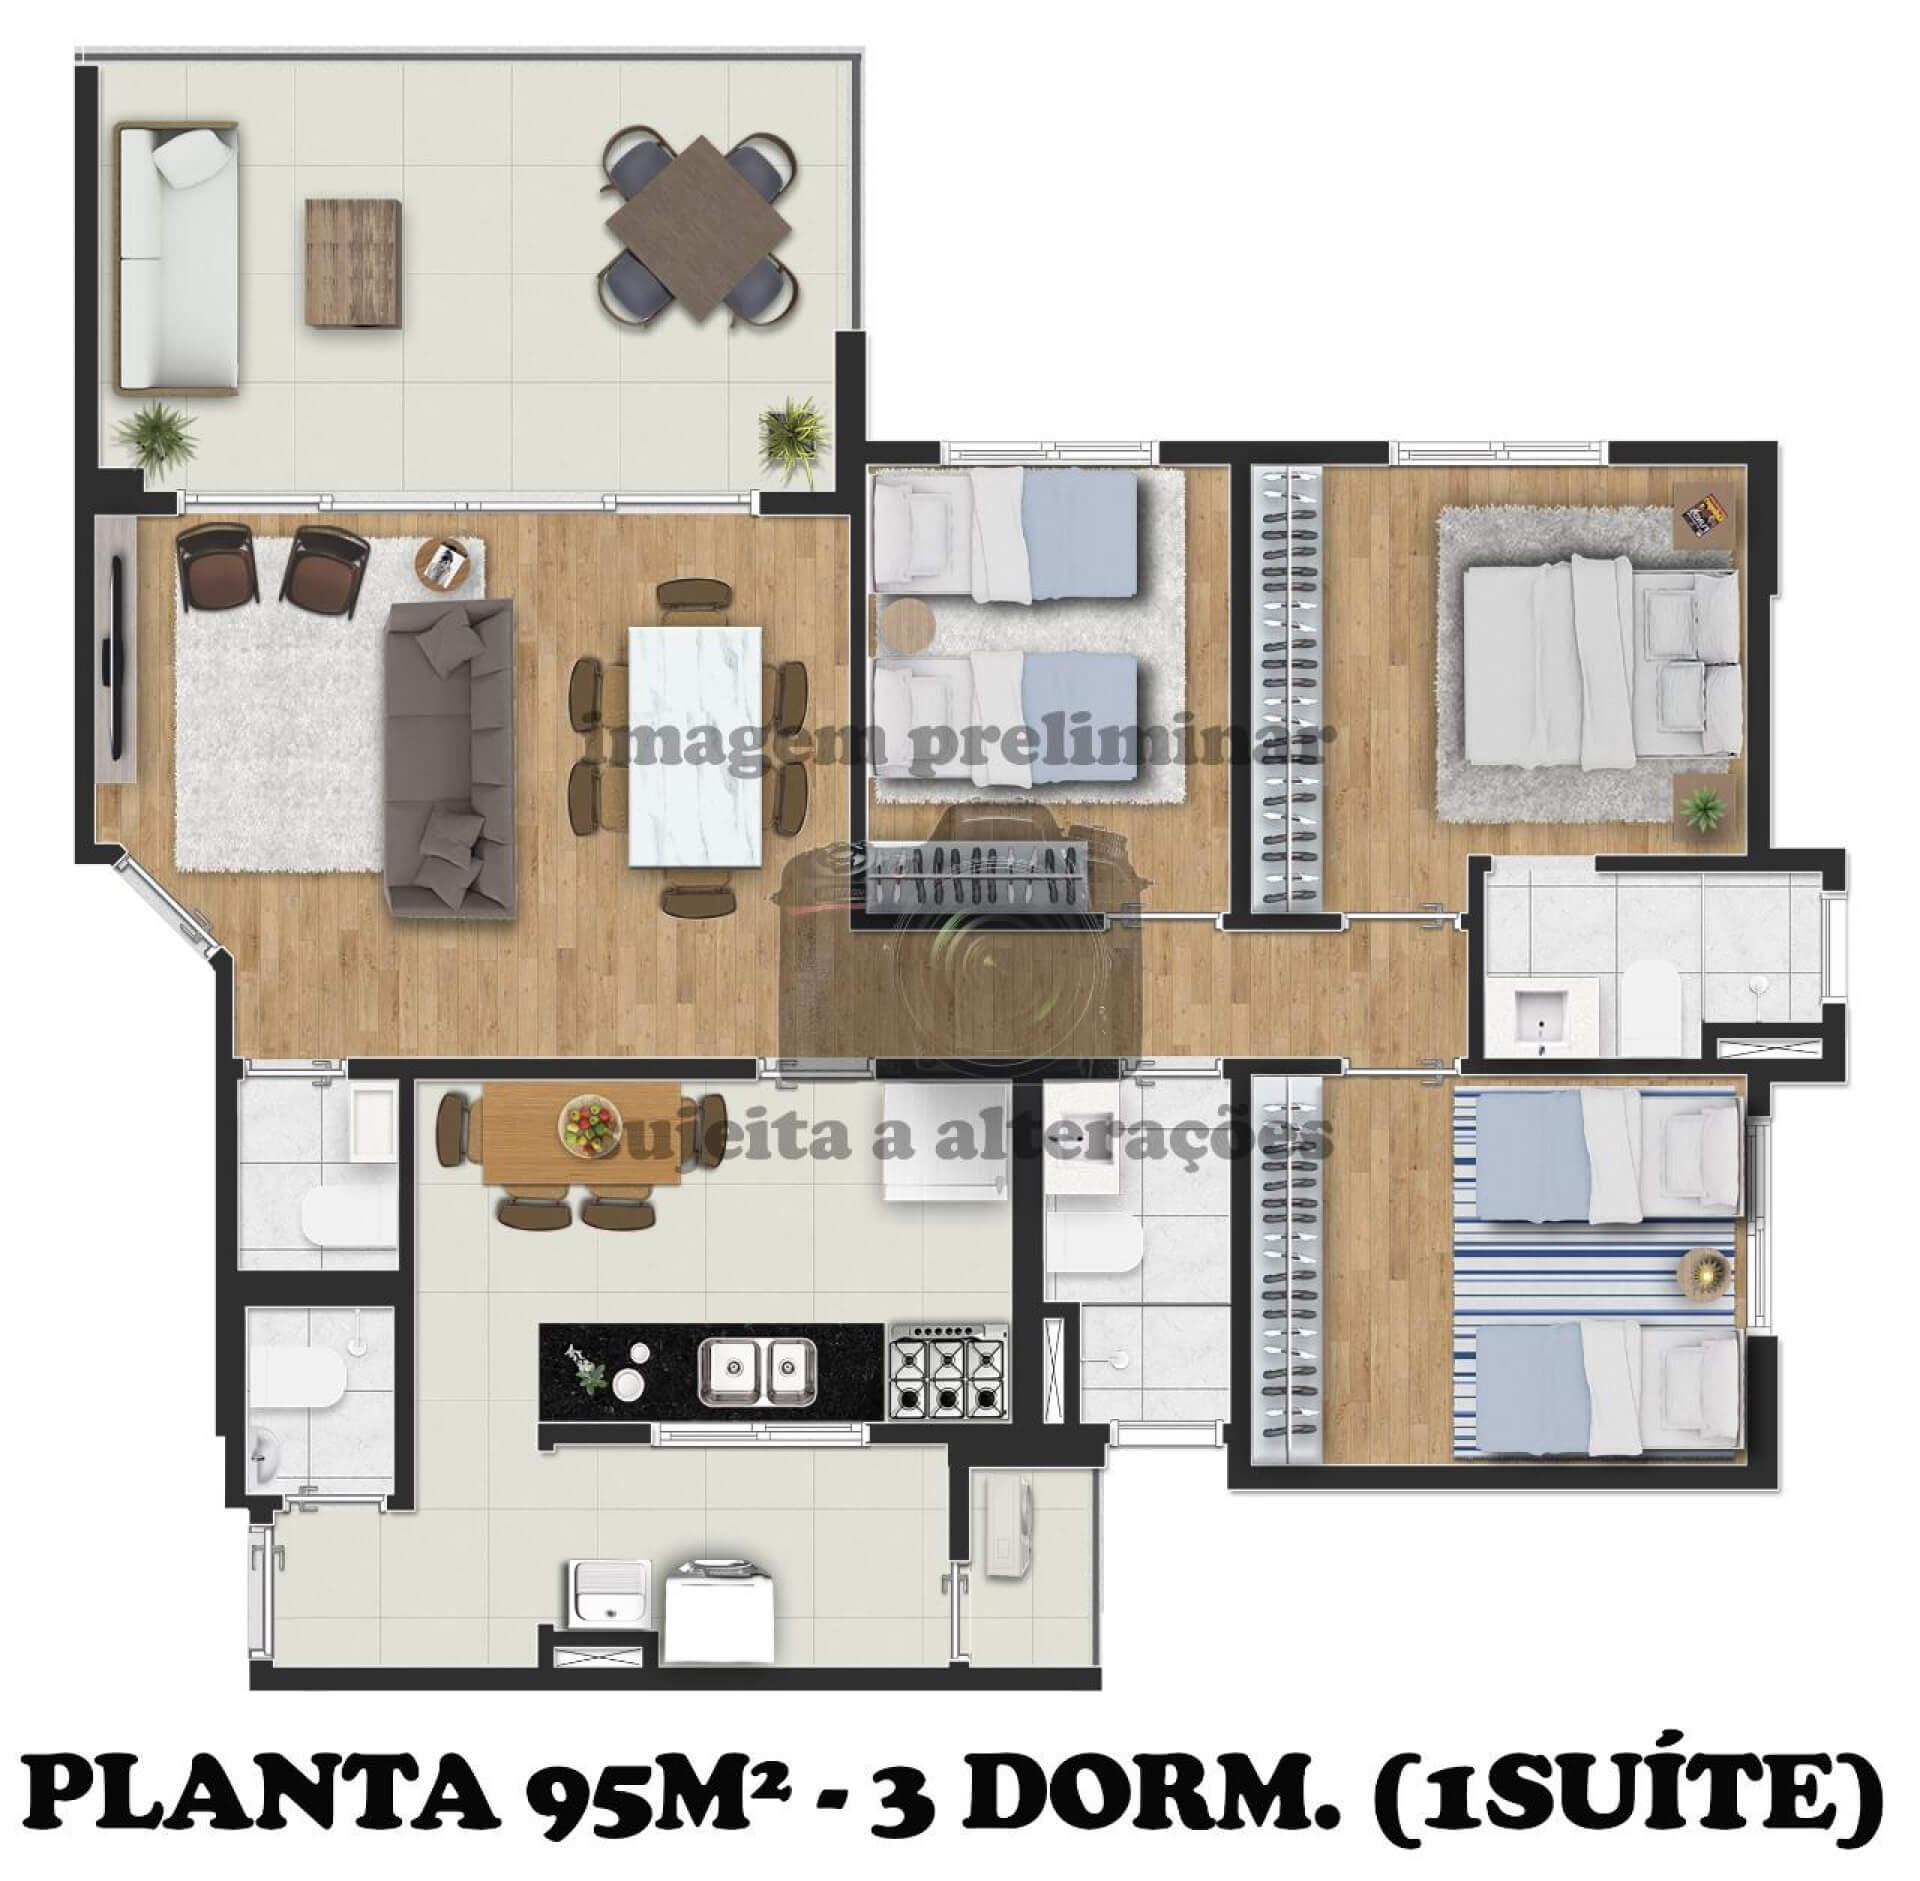 95 M² - 3 DORMITÓRIOS, SENDO 1 SUÍTE.